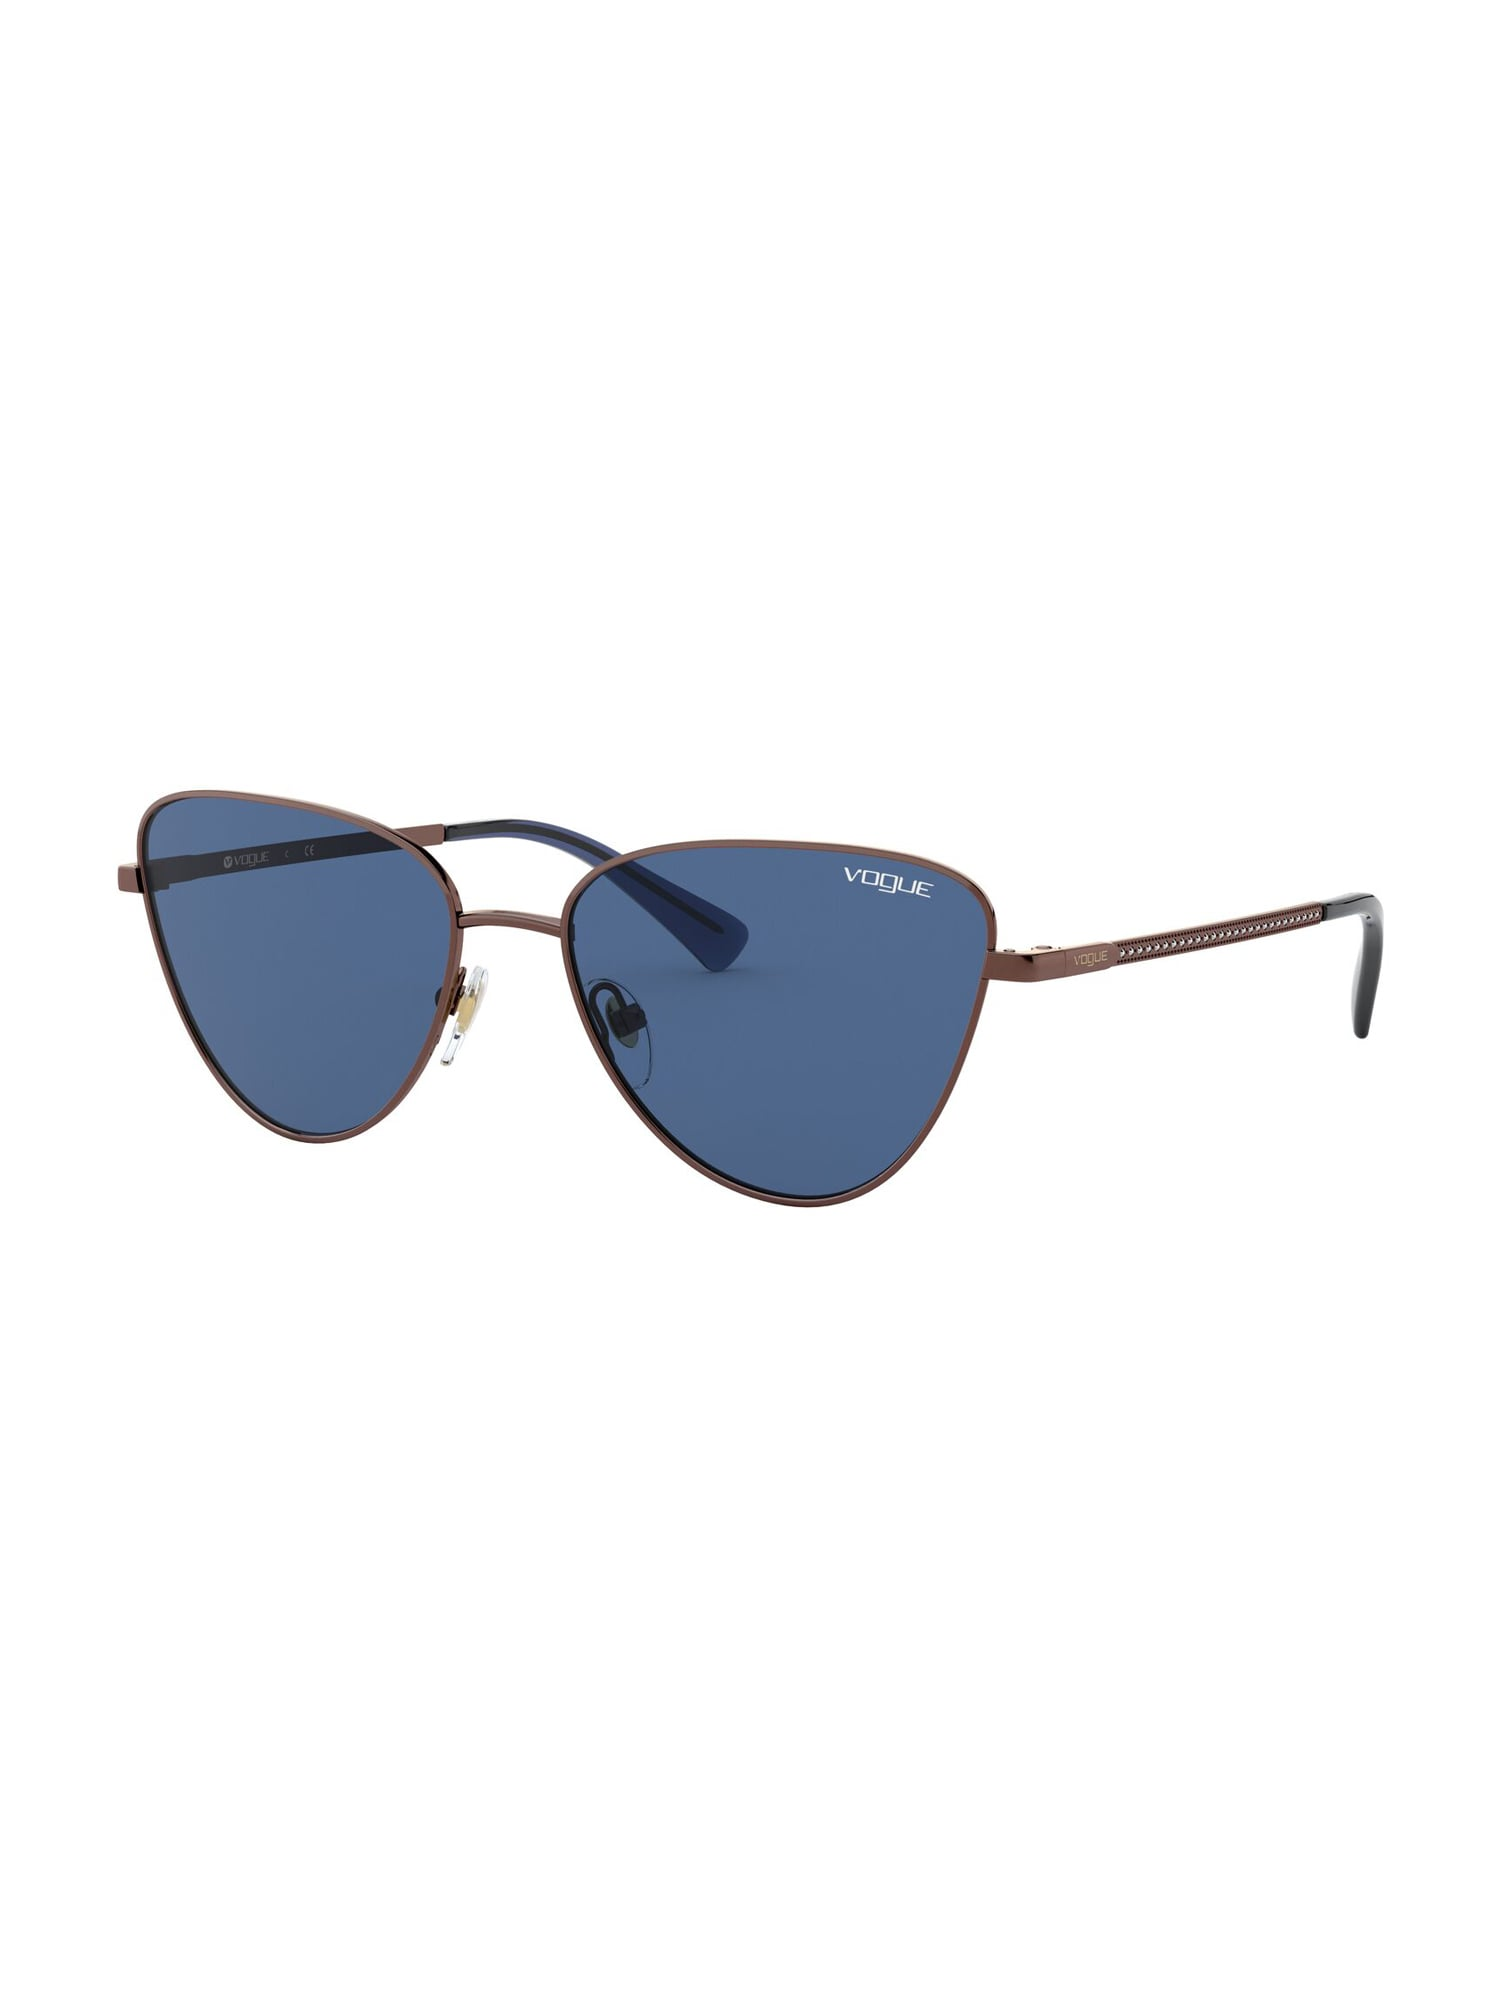 VOGUE Eyewear Akiniai nuo saulės mėlyna